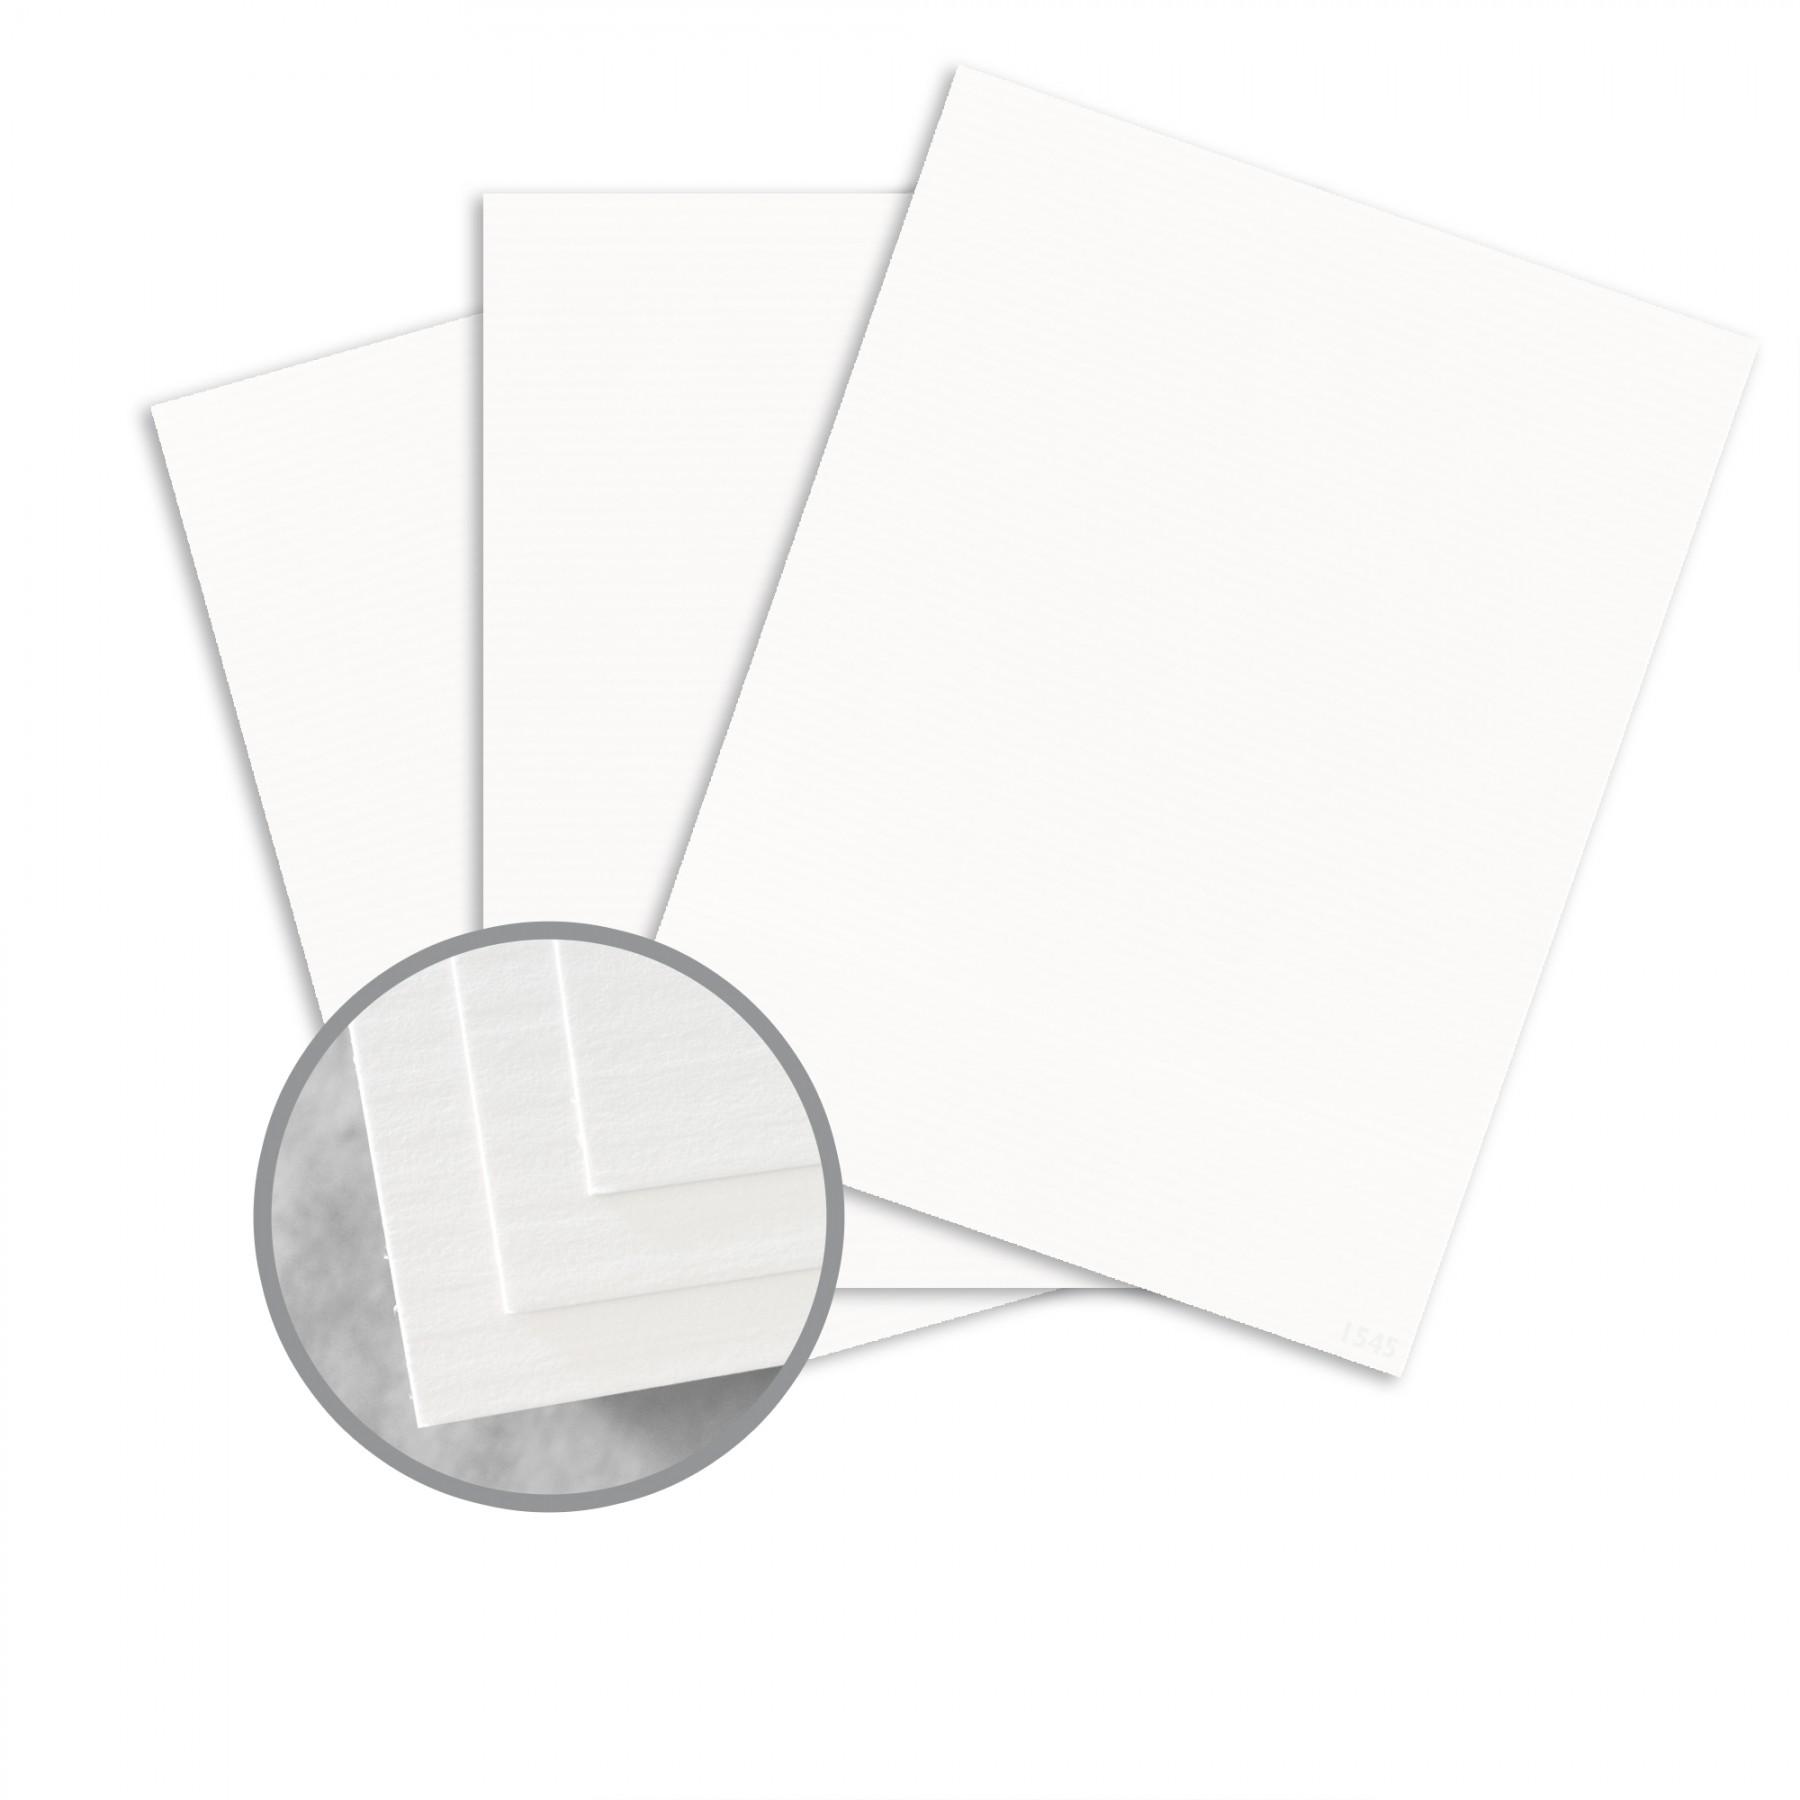 Avon Brilliant White Paper 8 1 2 X 11 In 24 Lb Writing